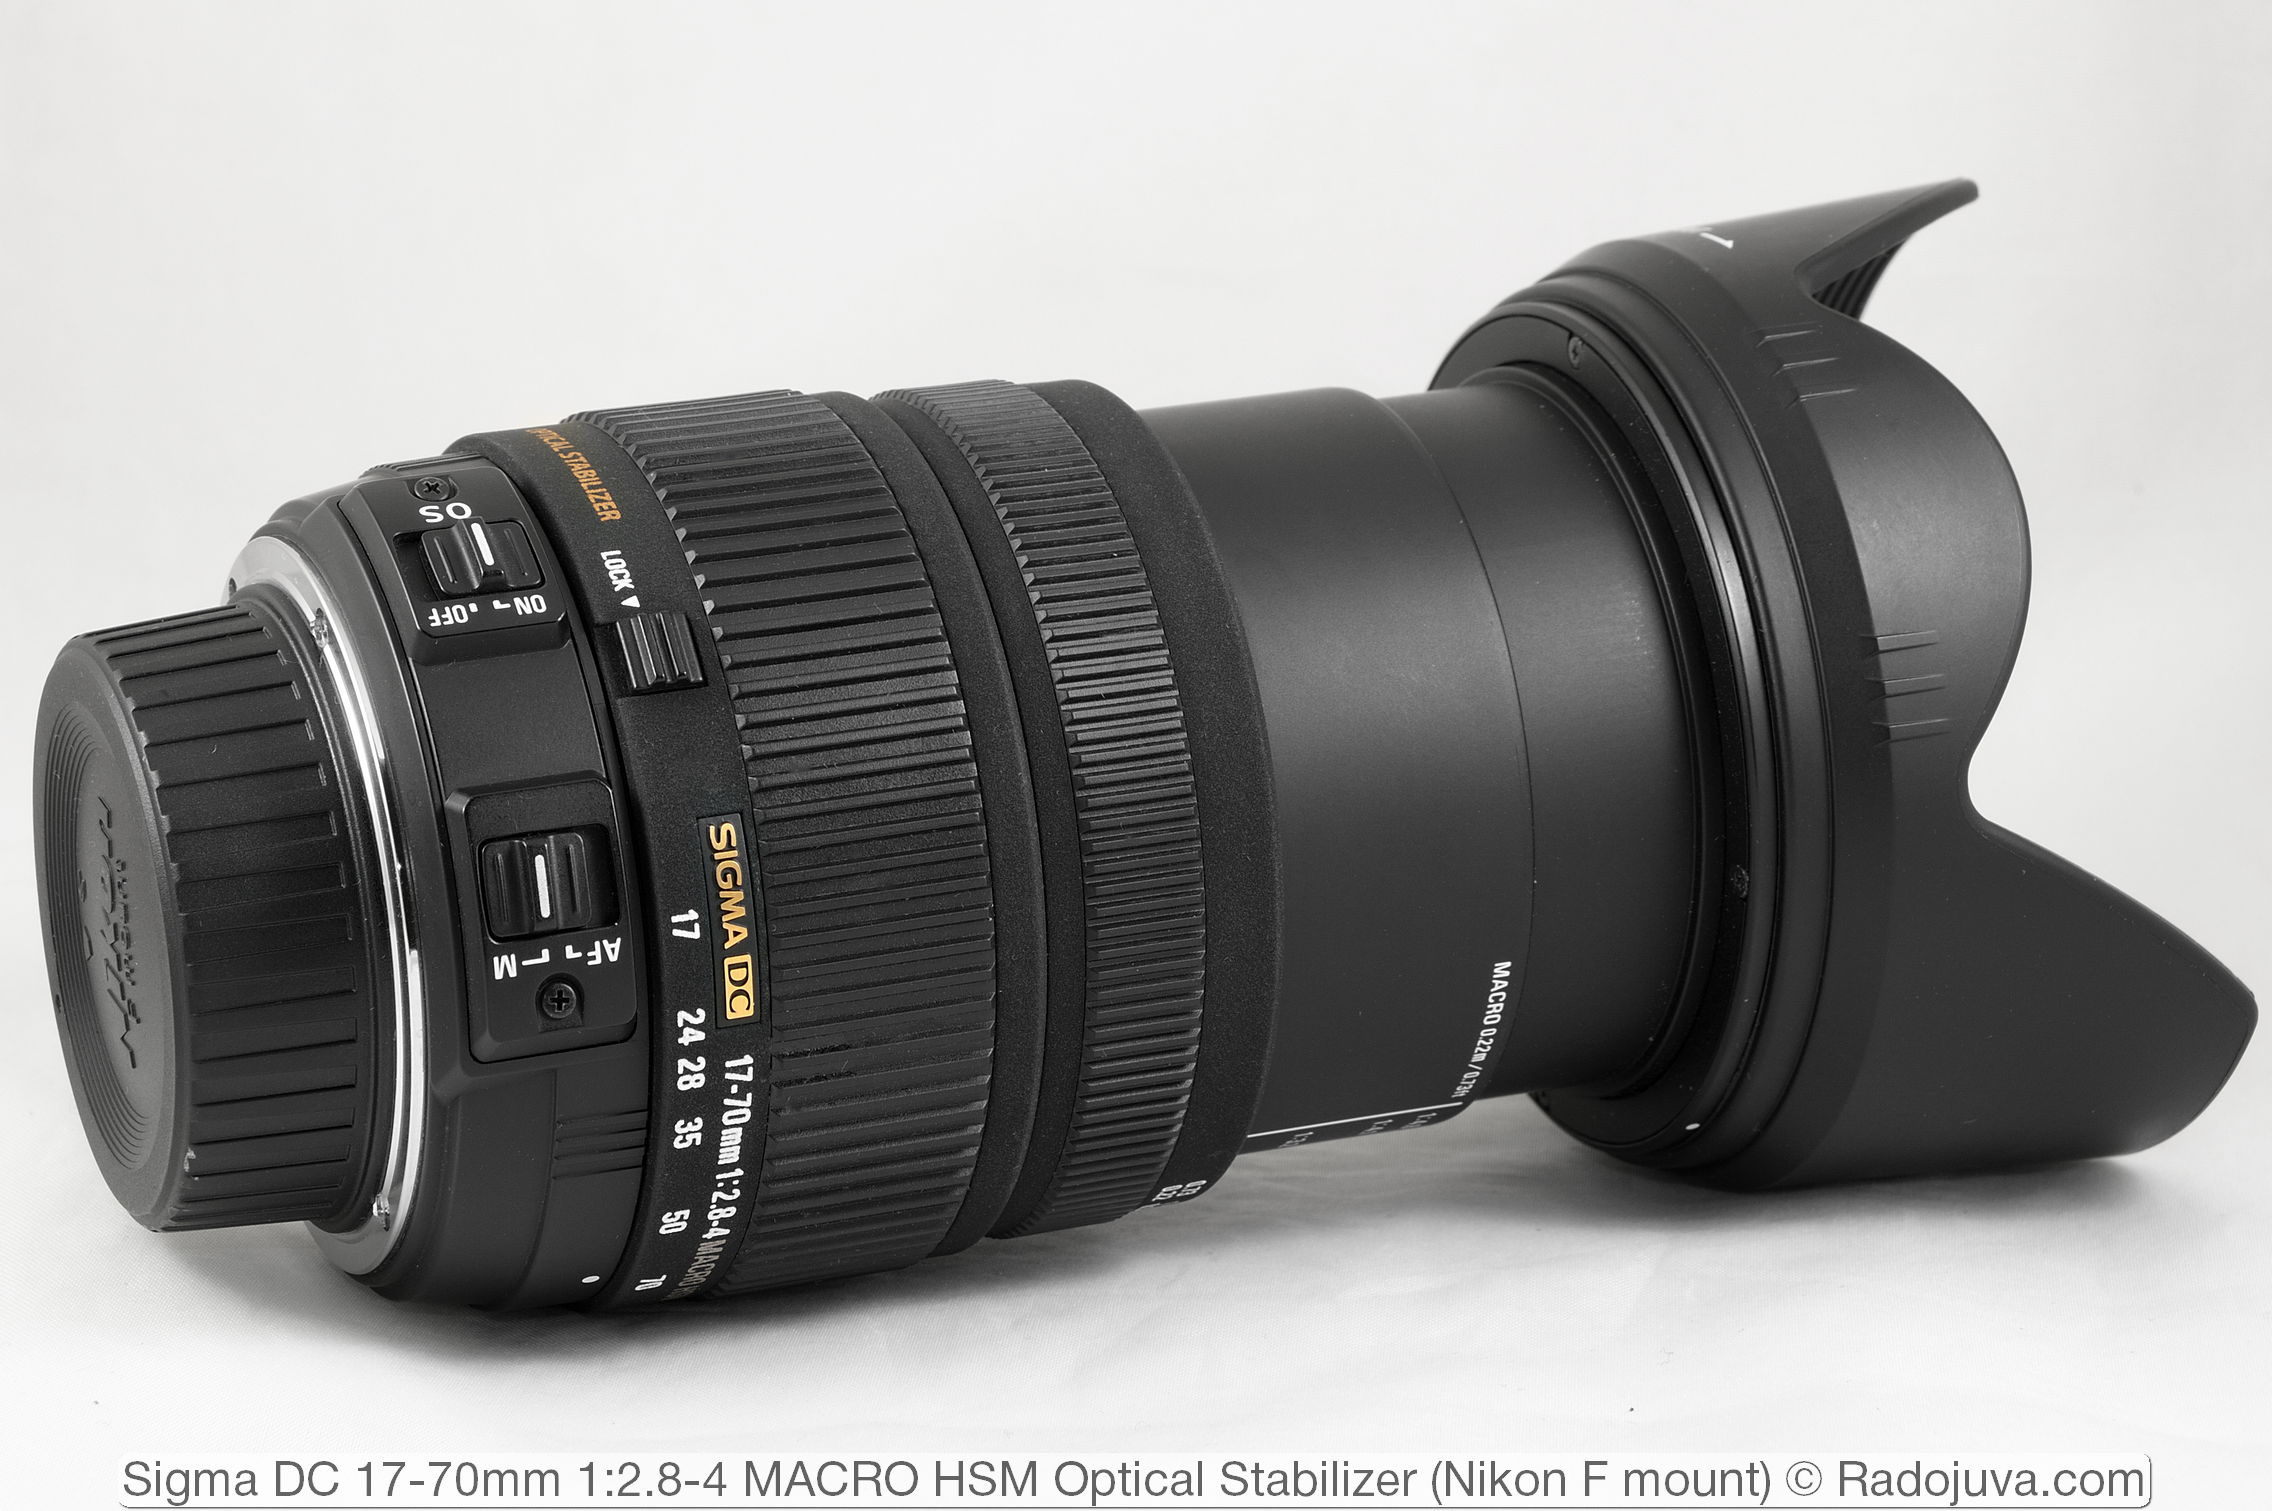 Sigma DC 17-70mm 1:2.8-4 MACRO HSM Optical Stabilizer